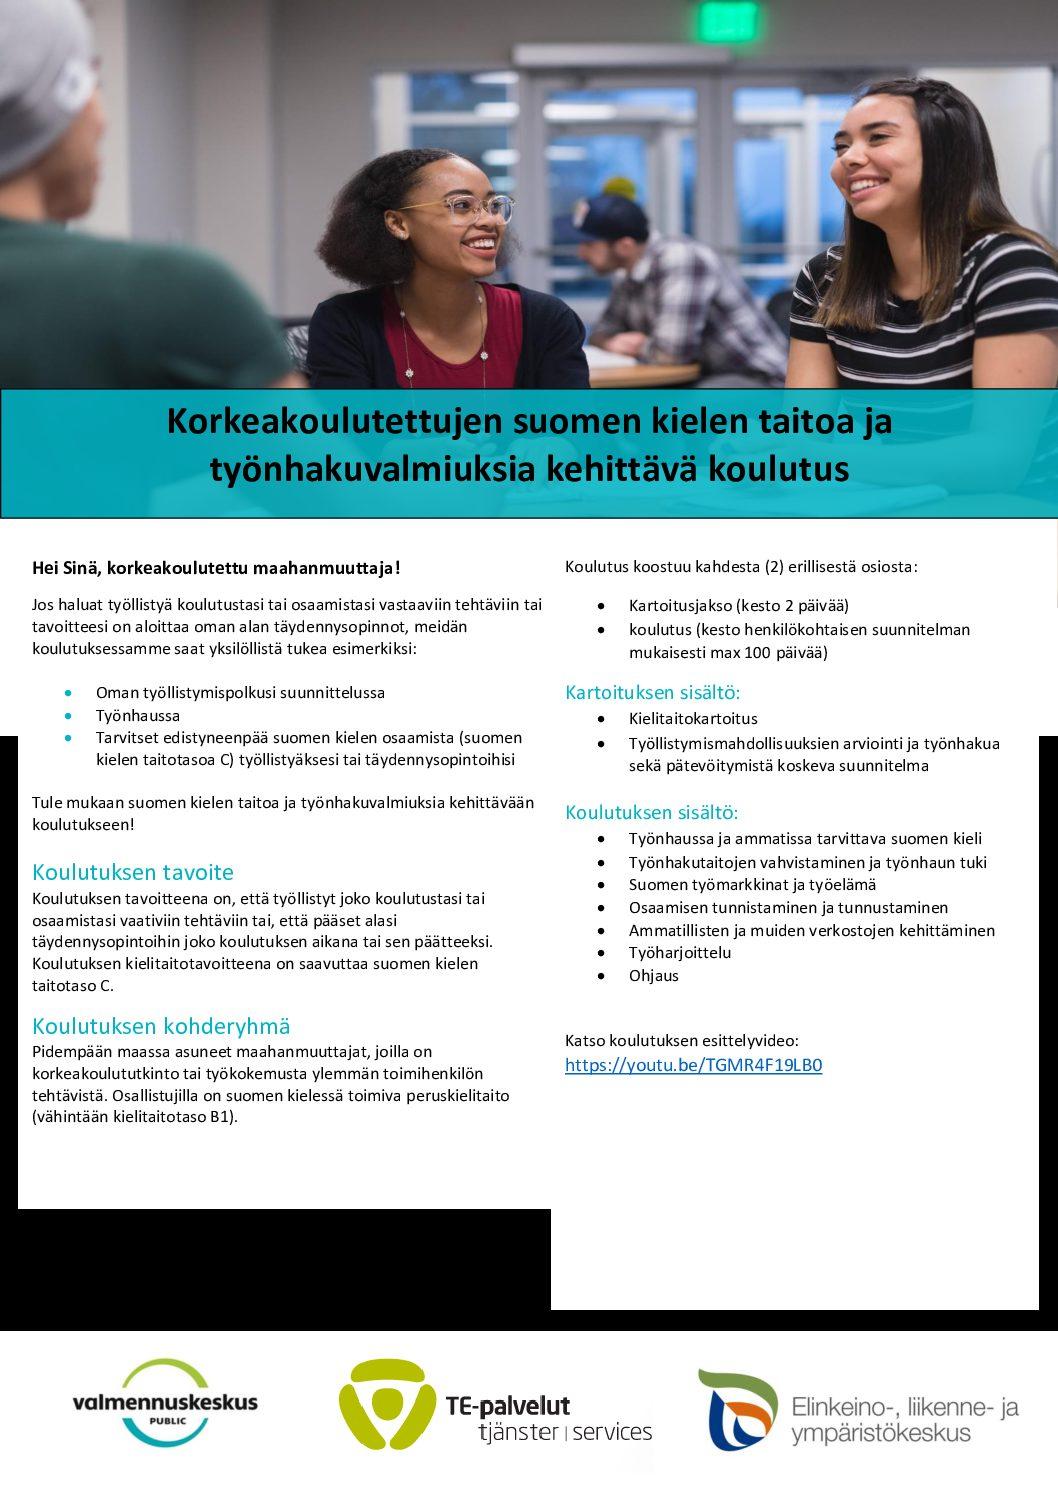 Обучение для иммигрантов с высшим образованием5 (1)